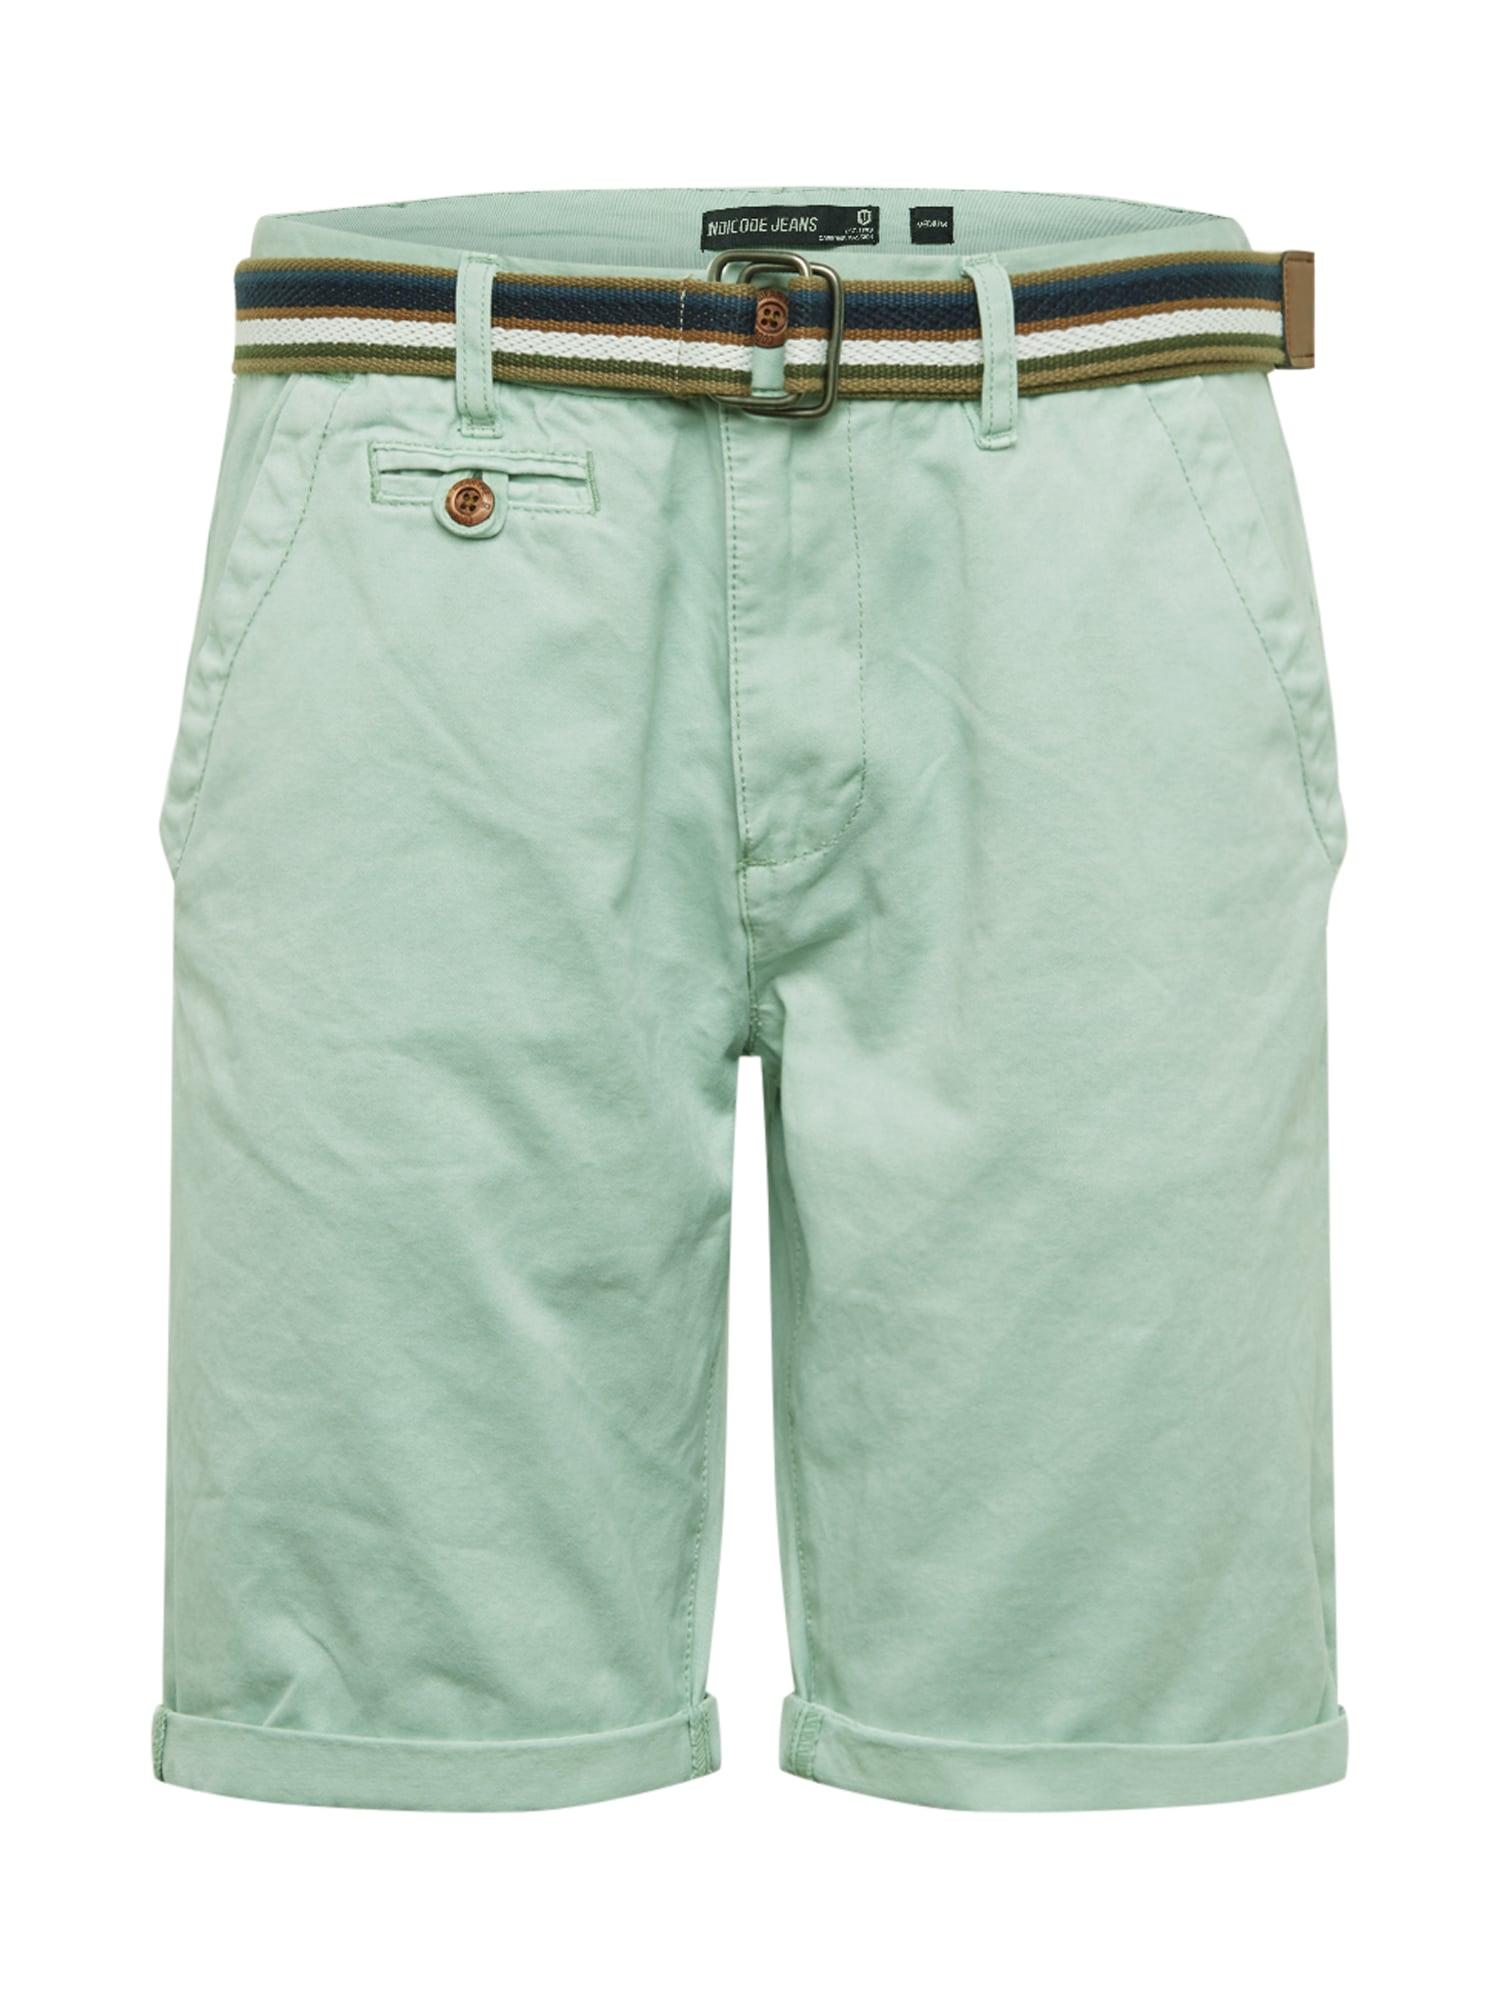 """INDICODE JEANS """"Chino"""" stiliaus kelnės 'Royce' mėtų spalva"""